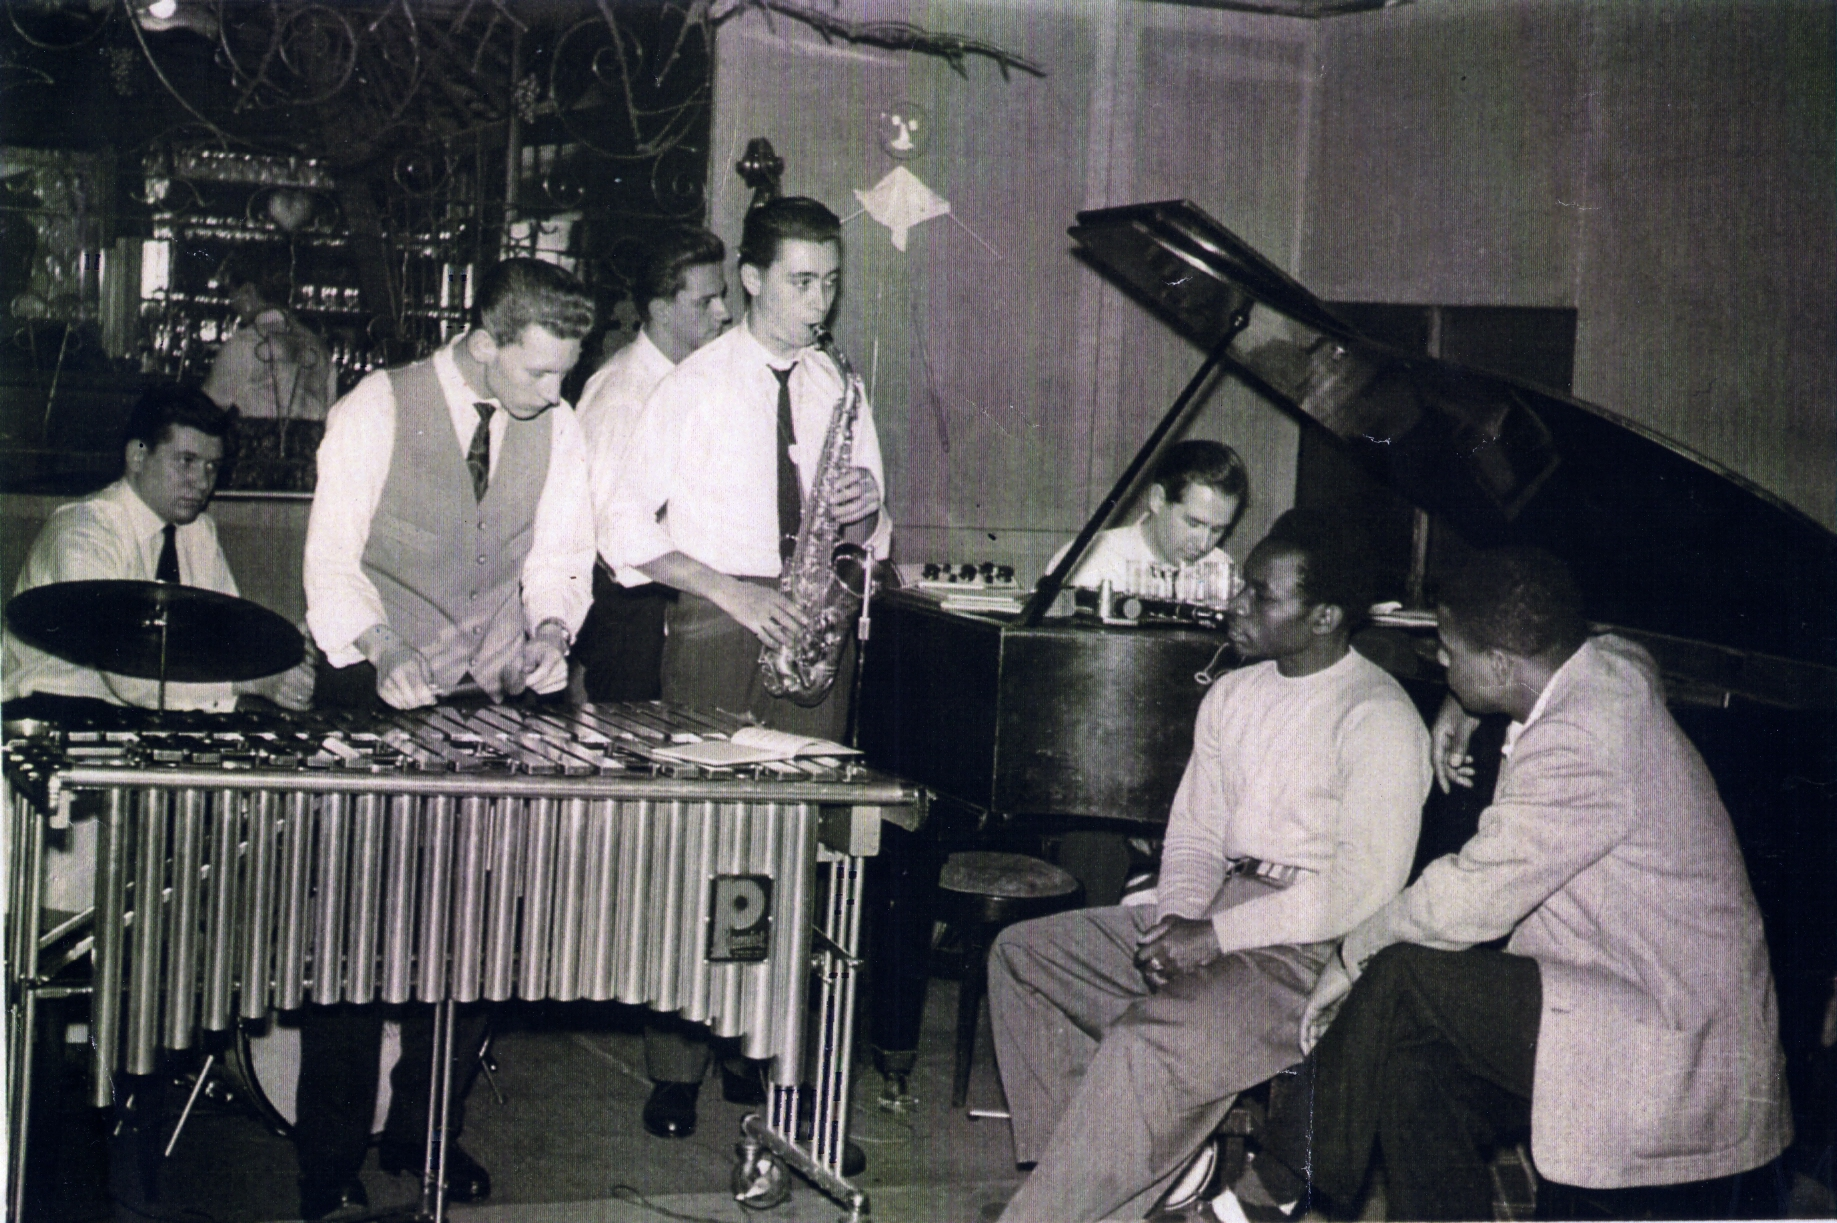 Das Michael Naura Quintett im Hamburger Barett 1956. Fotocredit: Wolfgang Schlüter